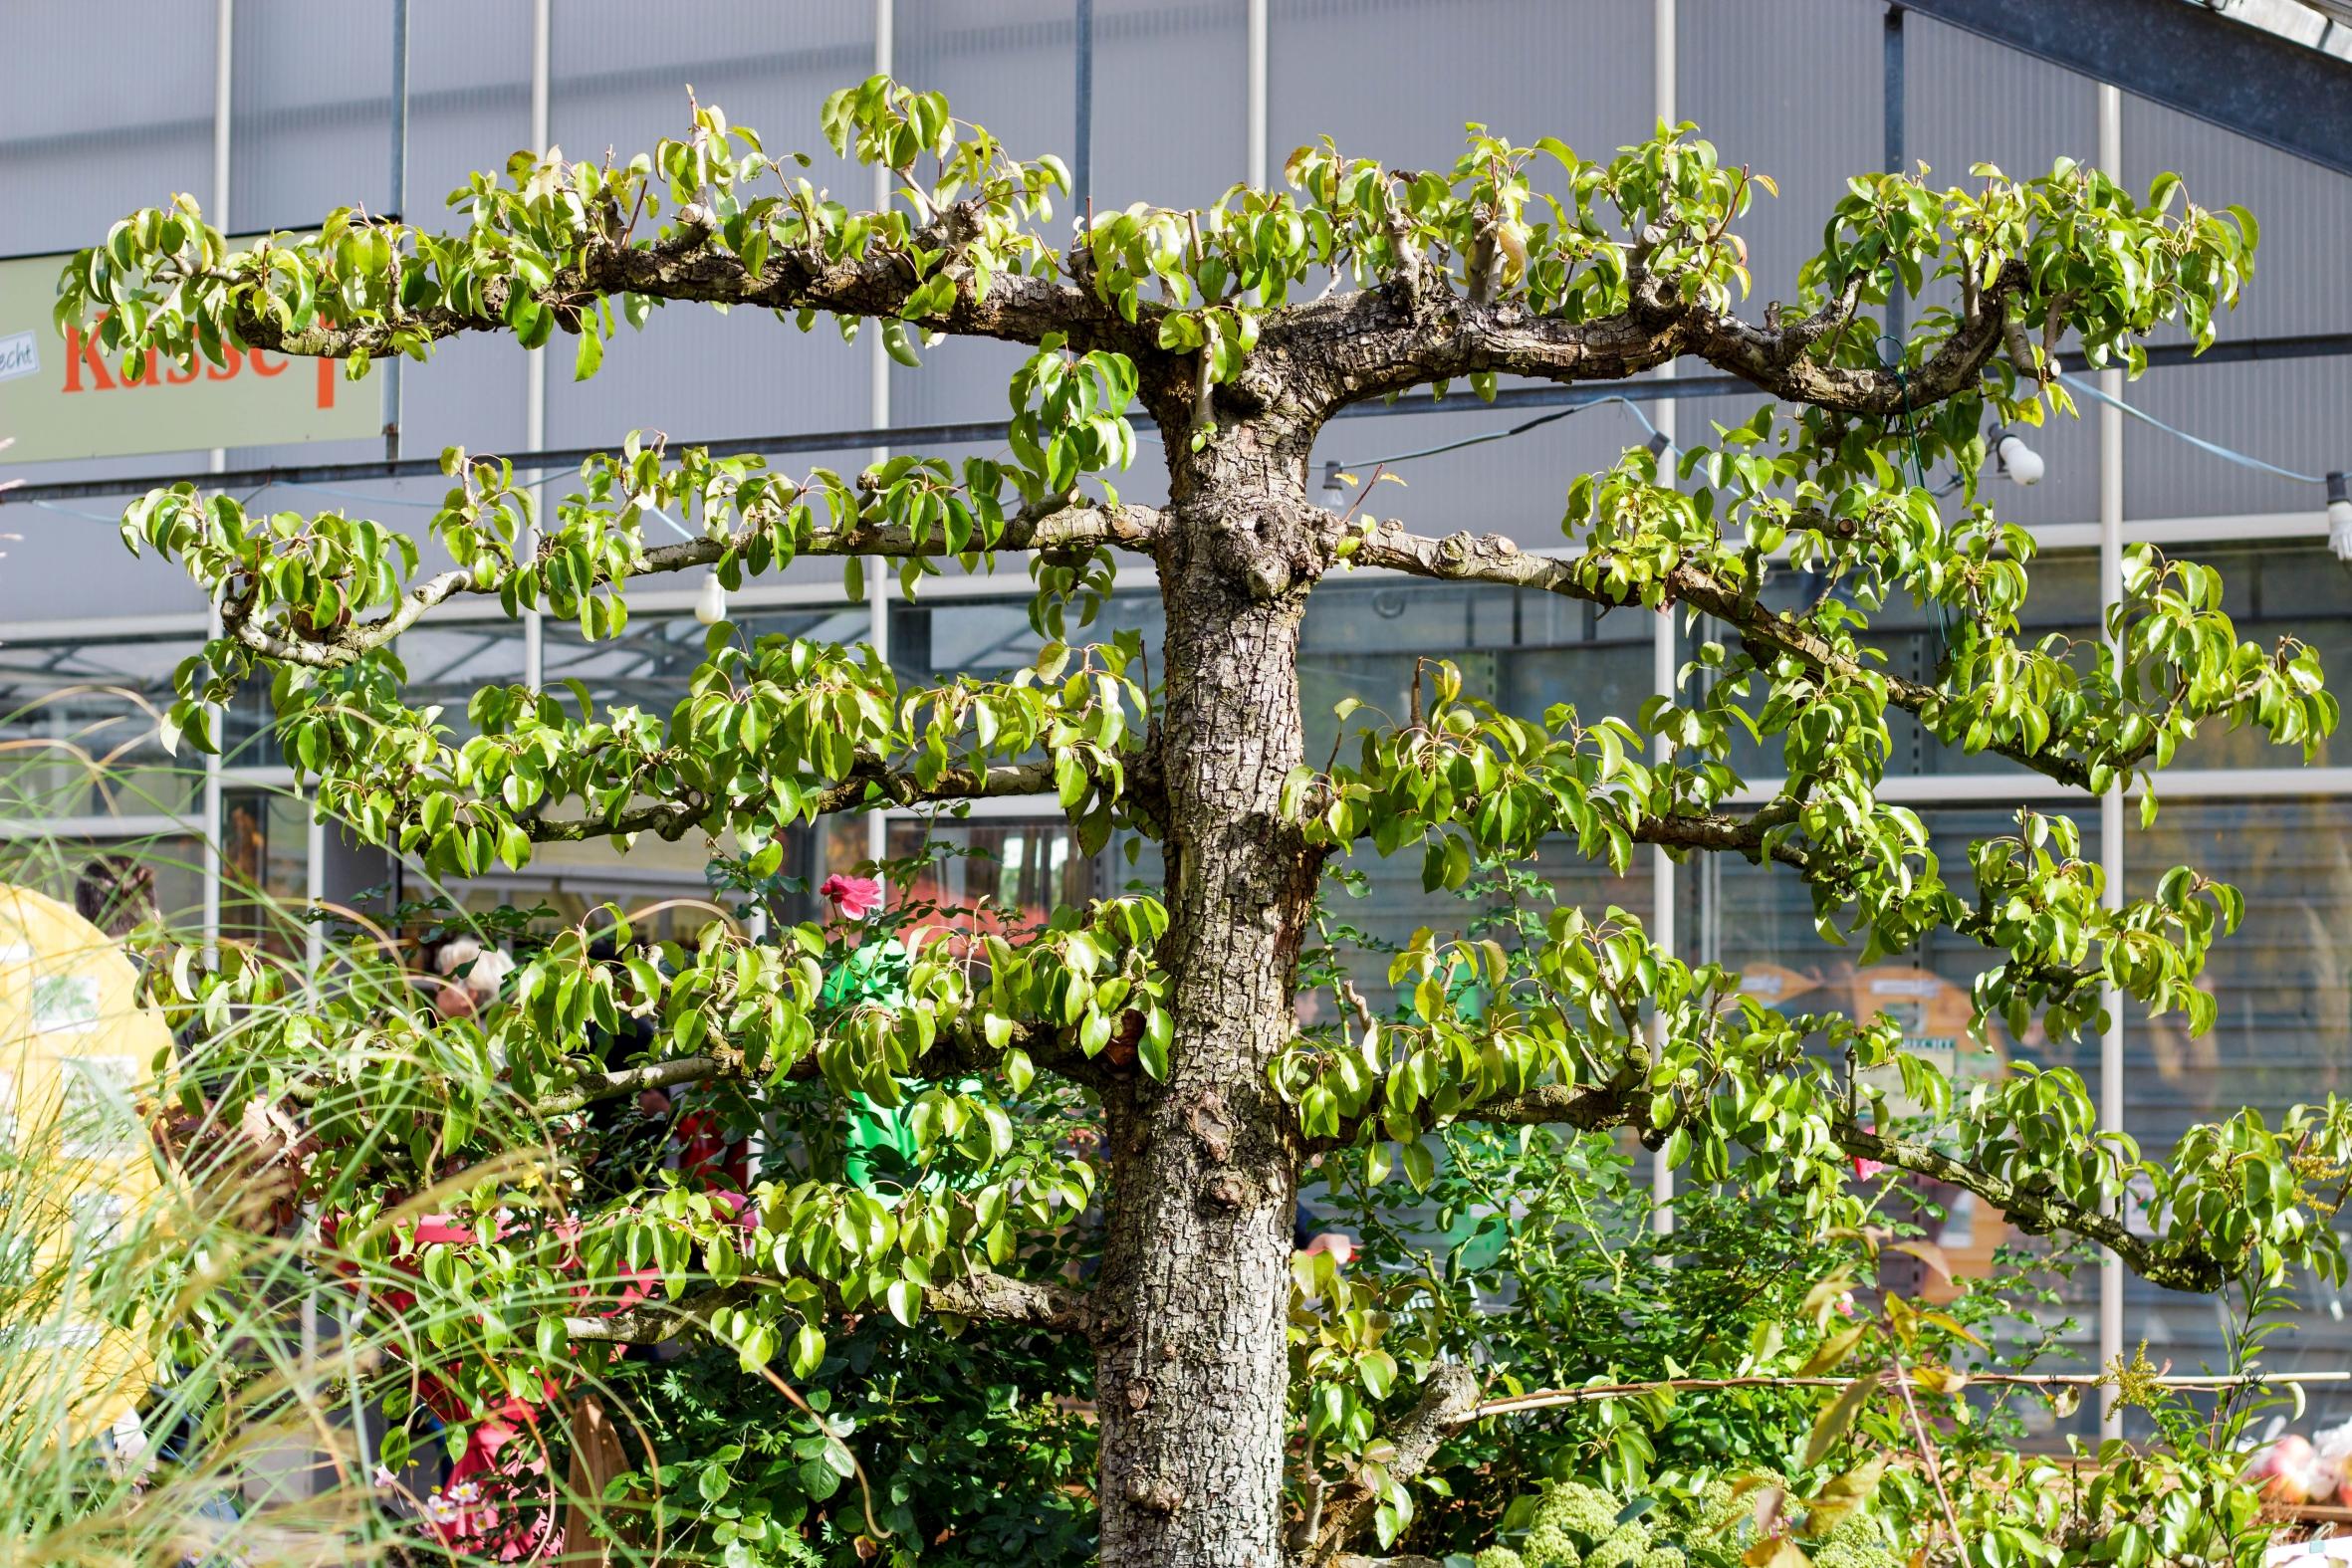 Früchte auf kleinstem Raum: Spalierobstbäume sind Kunstwerke des Gartenbaus